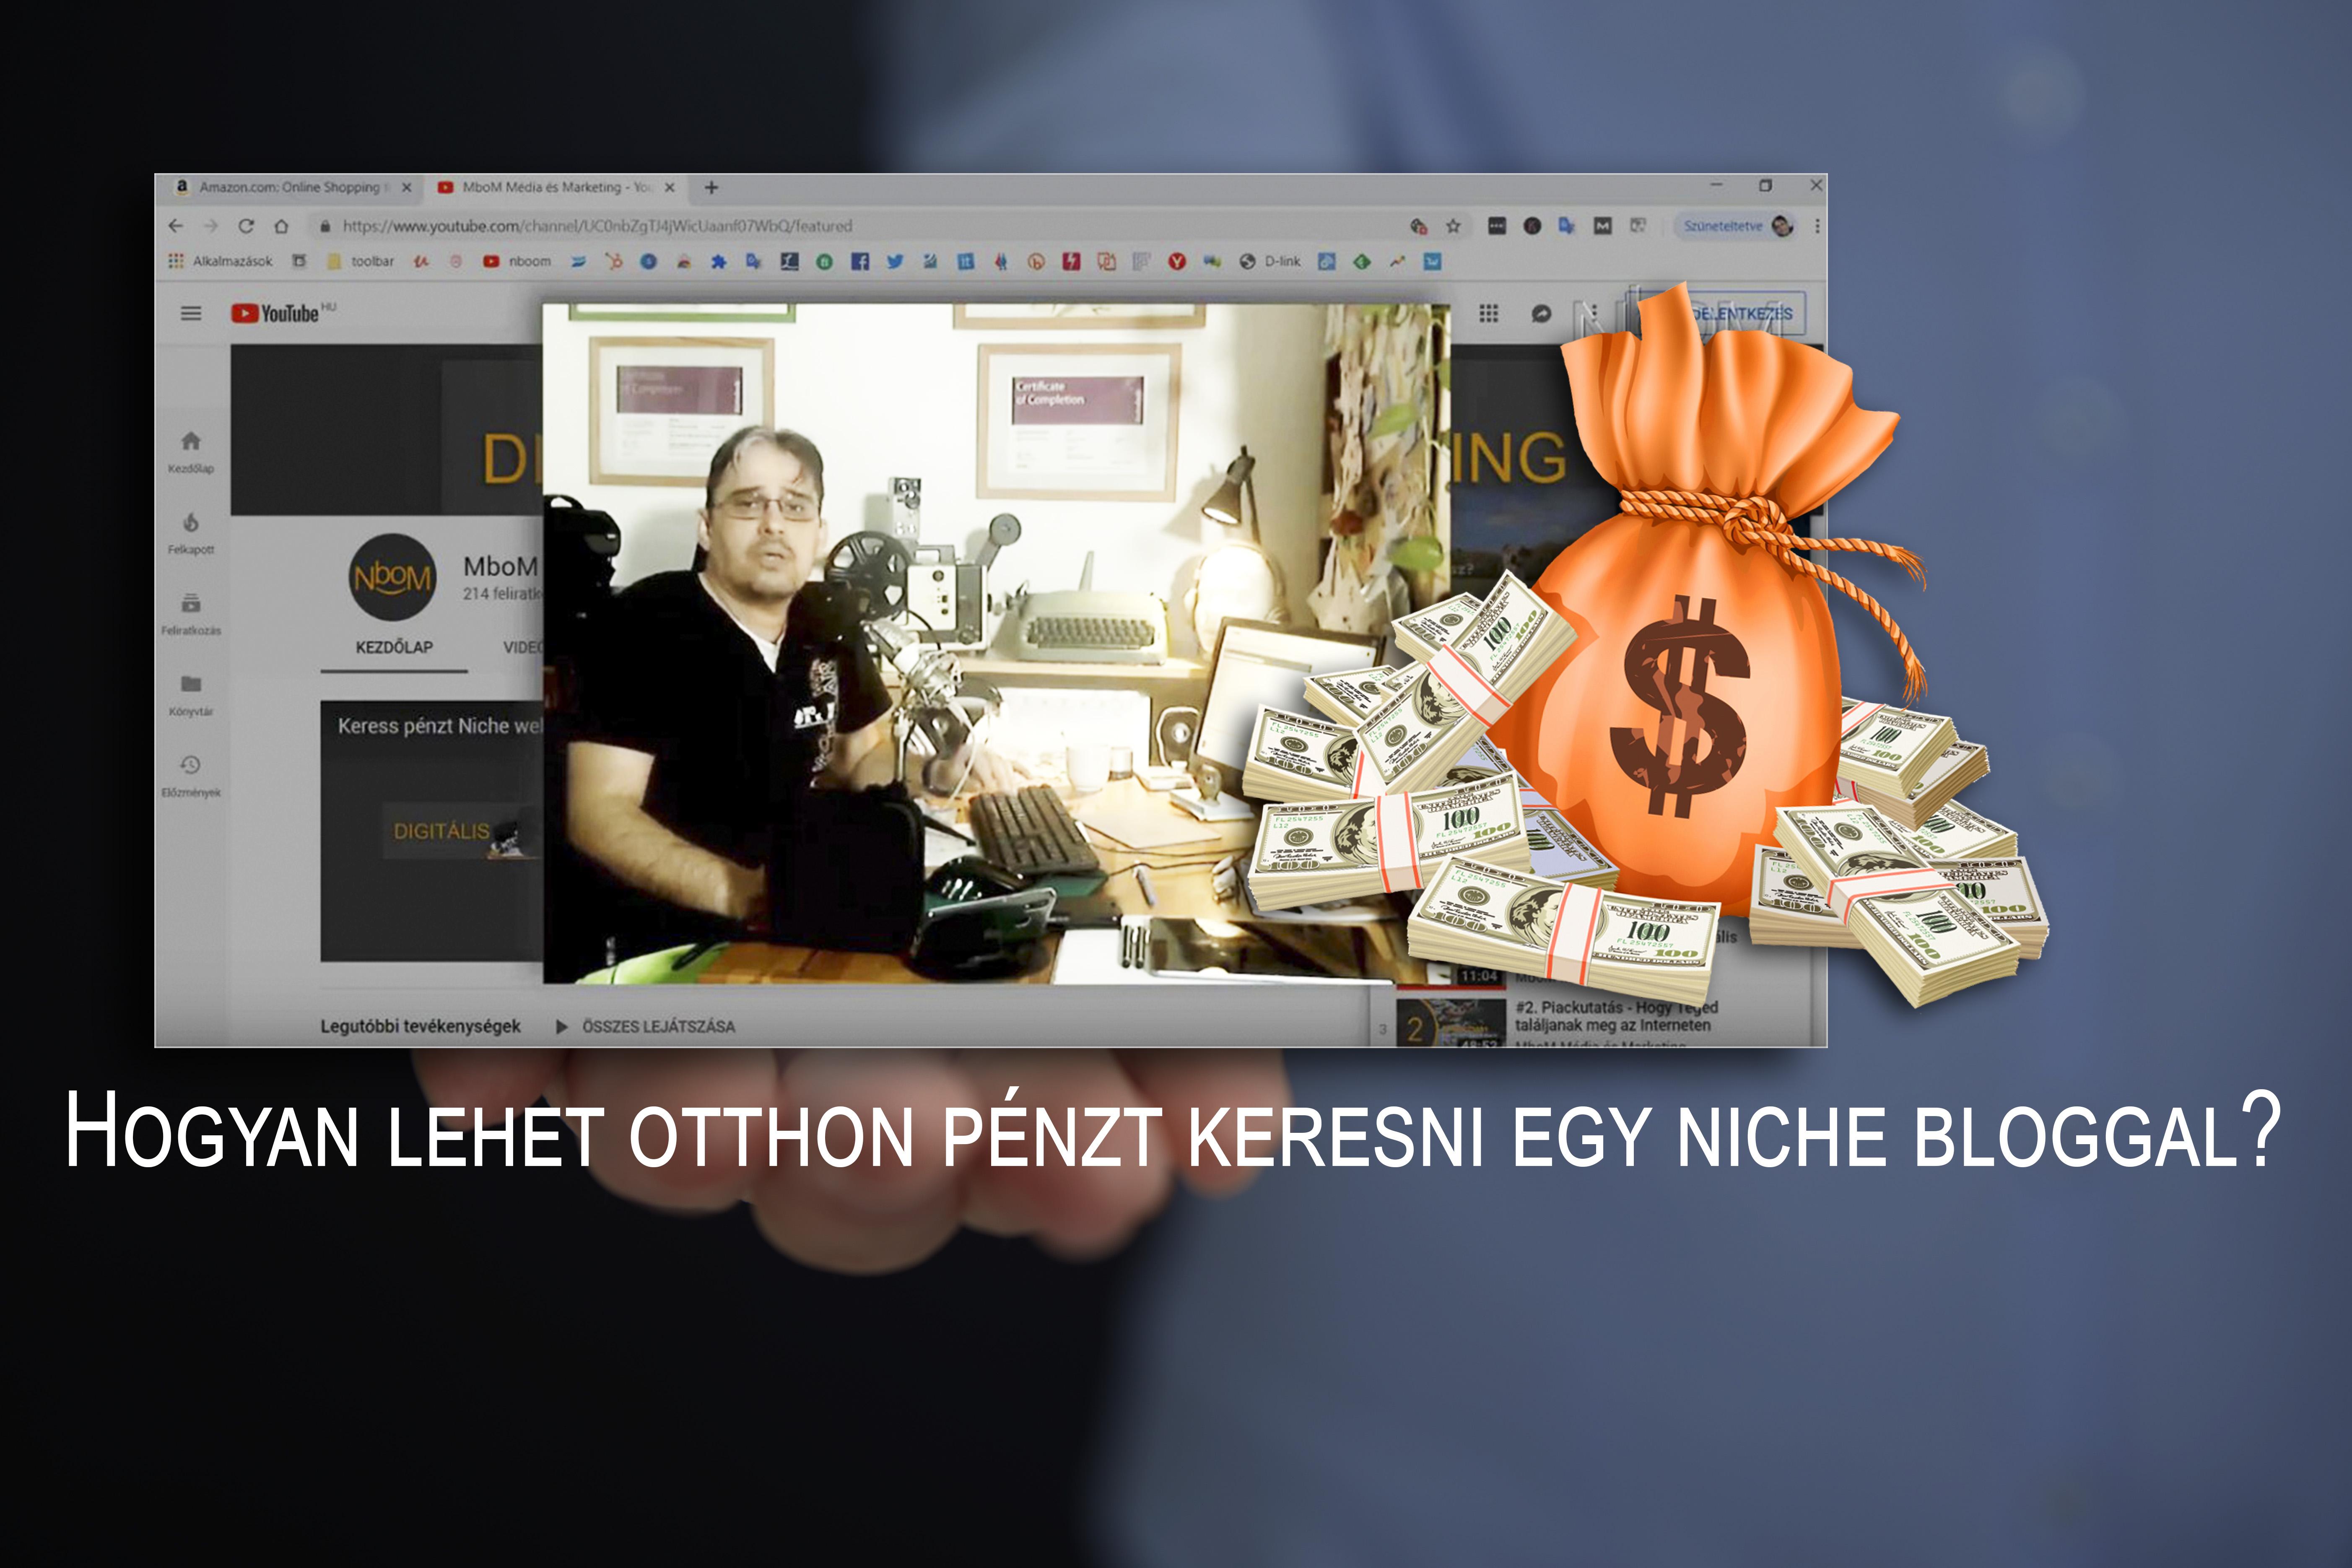 mondja meg, hogyan lehet gyorsan pénzt keresni)